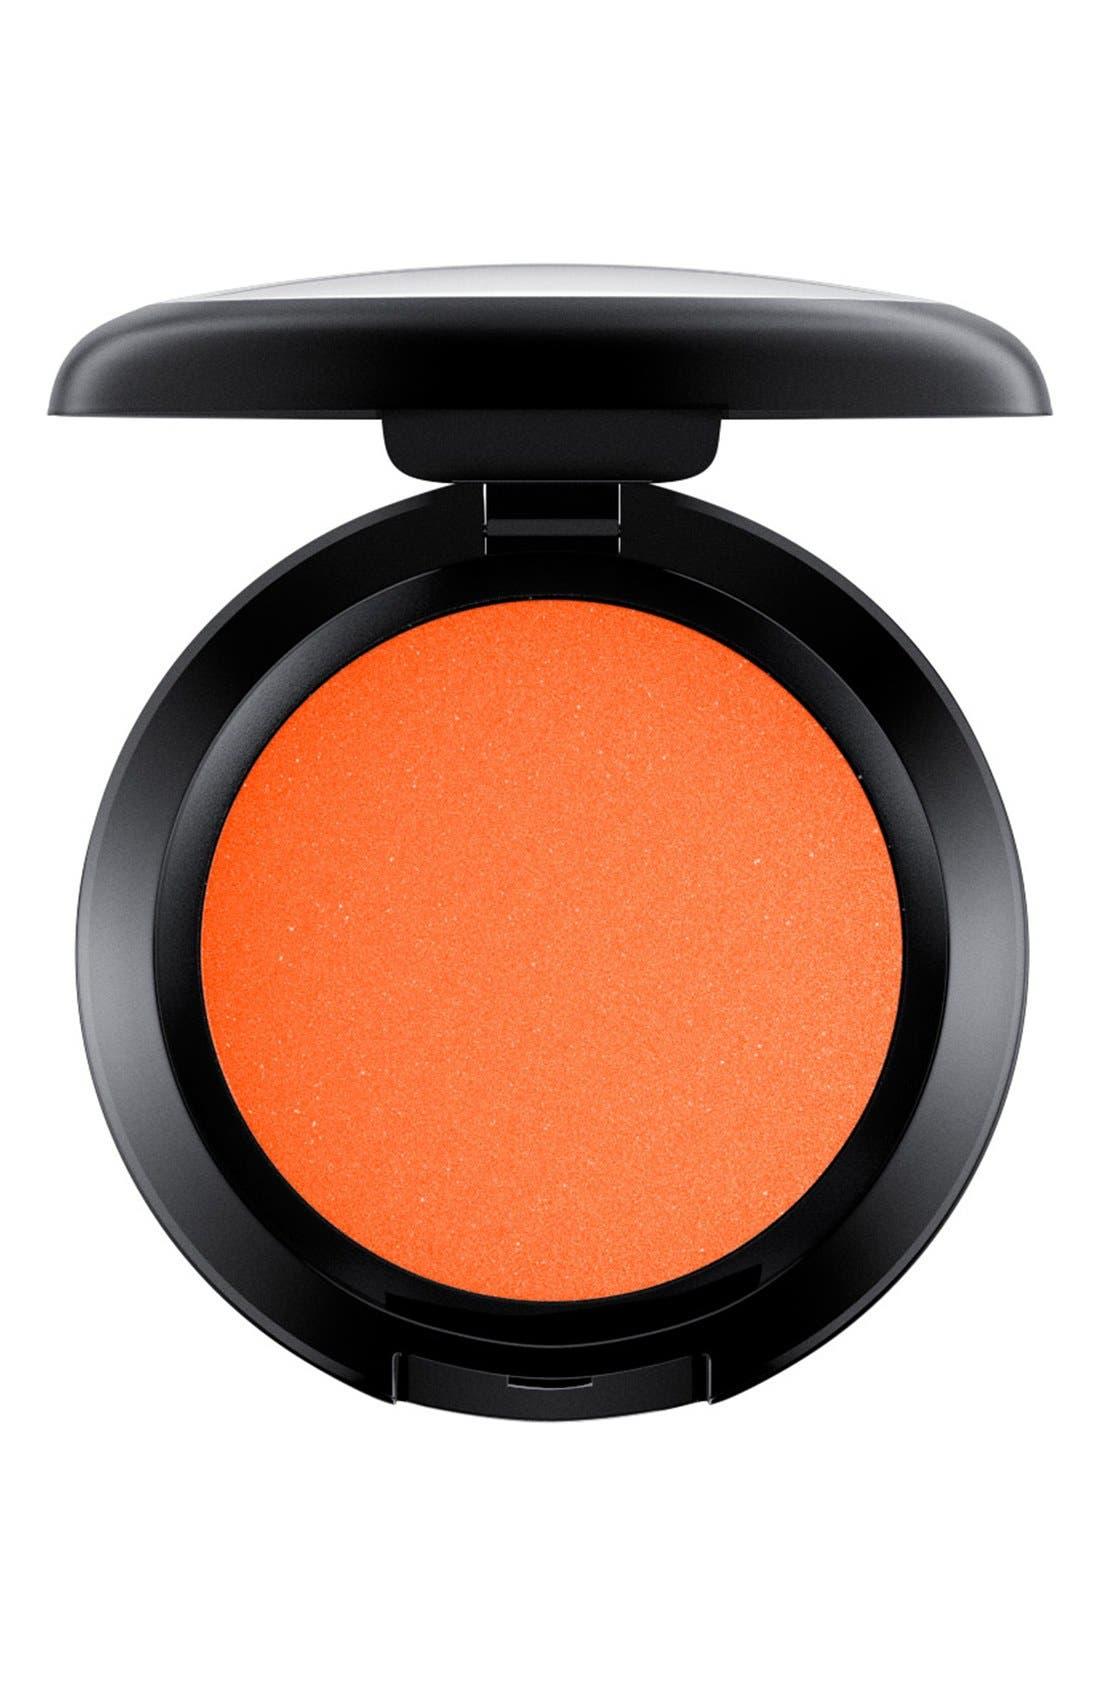 MAC Small Powder Blush,                             Main thumbnail 1, color,                             BRIGHT RESPONSE